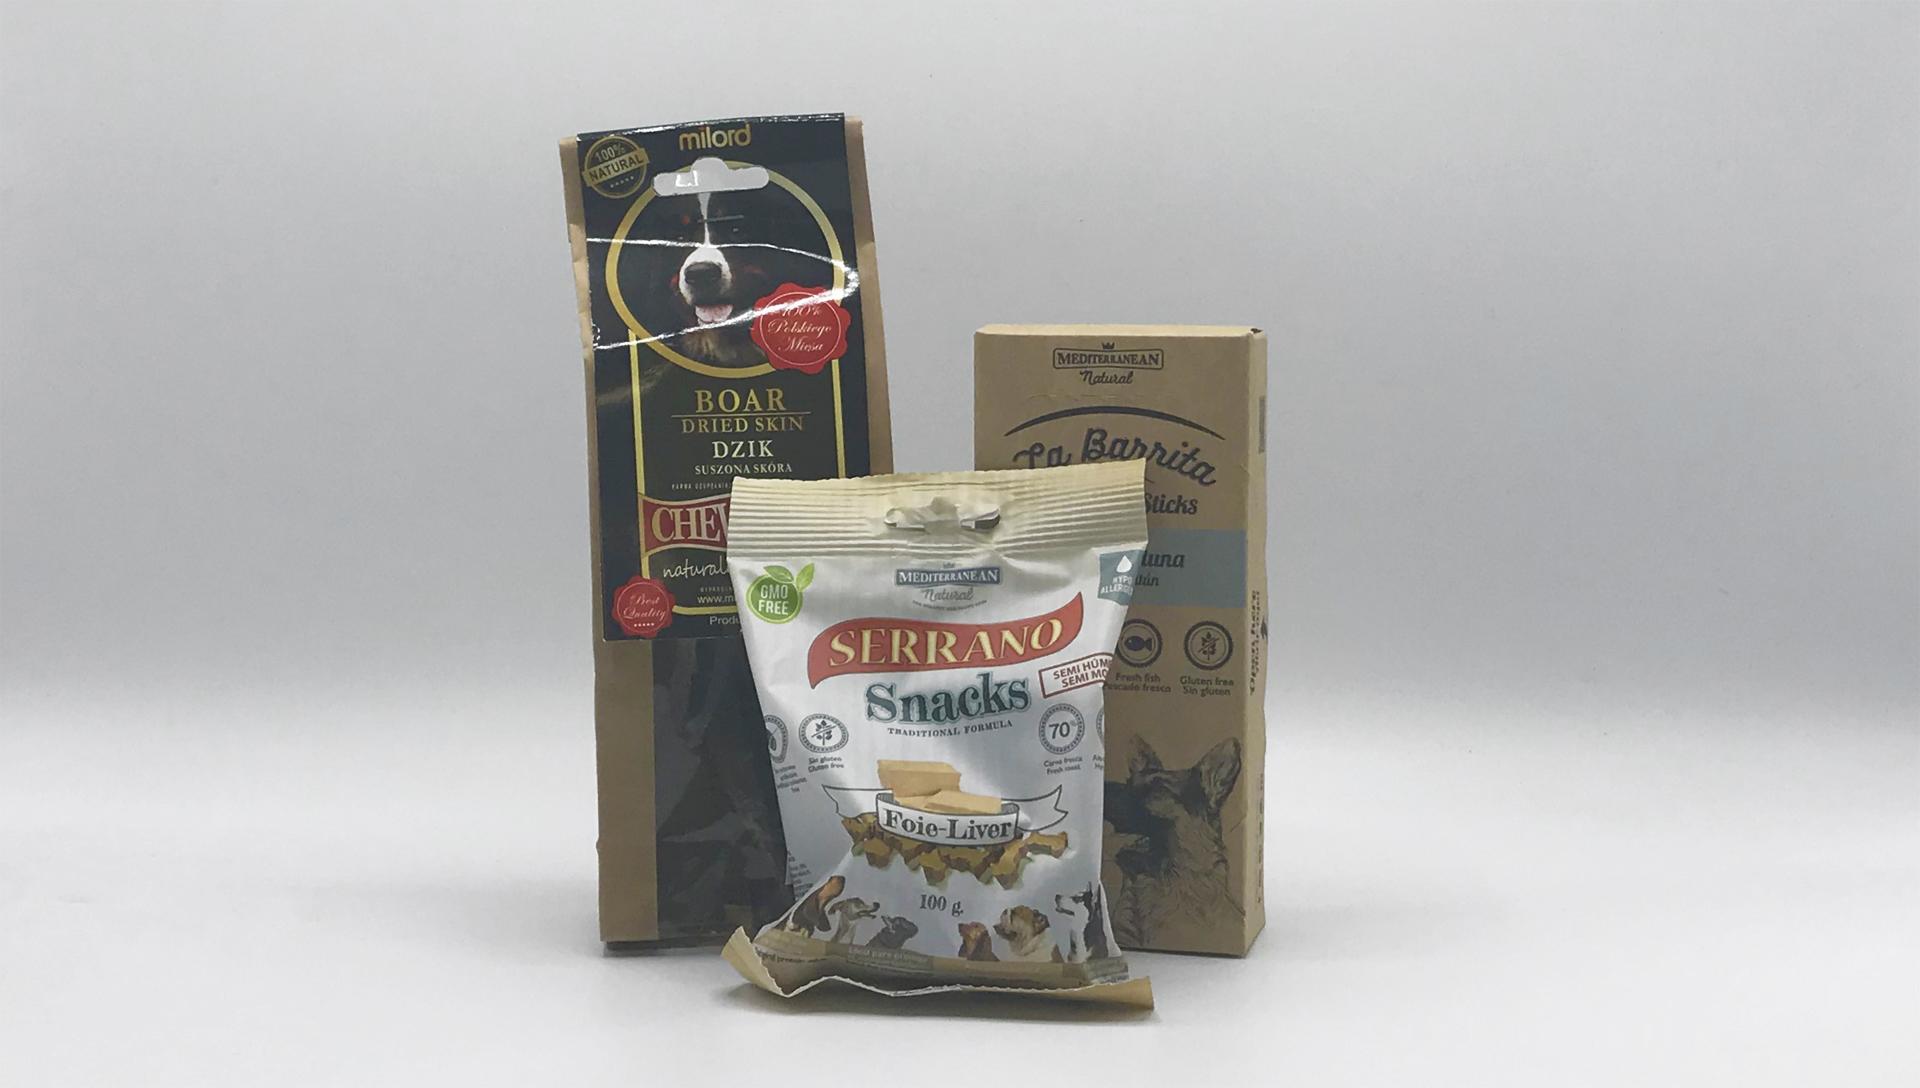 Serrano Snacks, La Barrita tyčinky, Milord žvýkací pamlsek